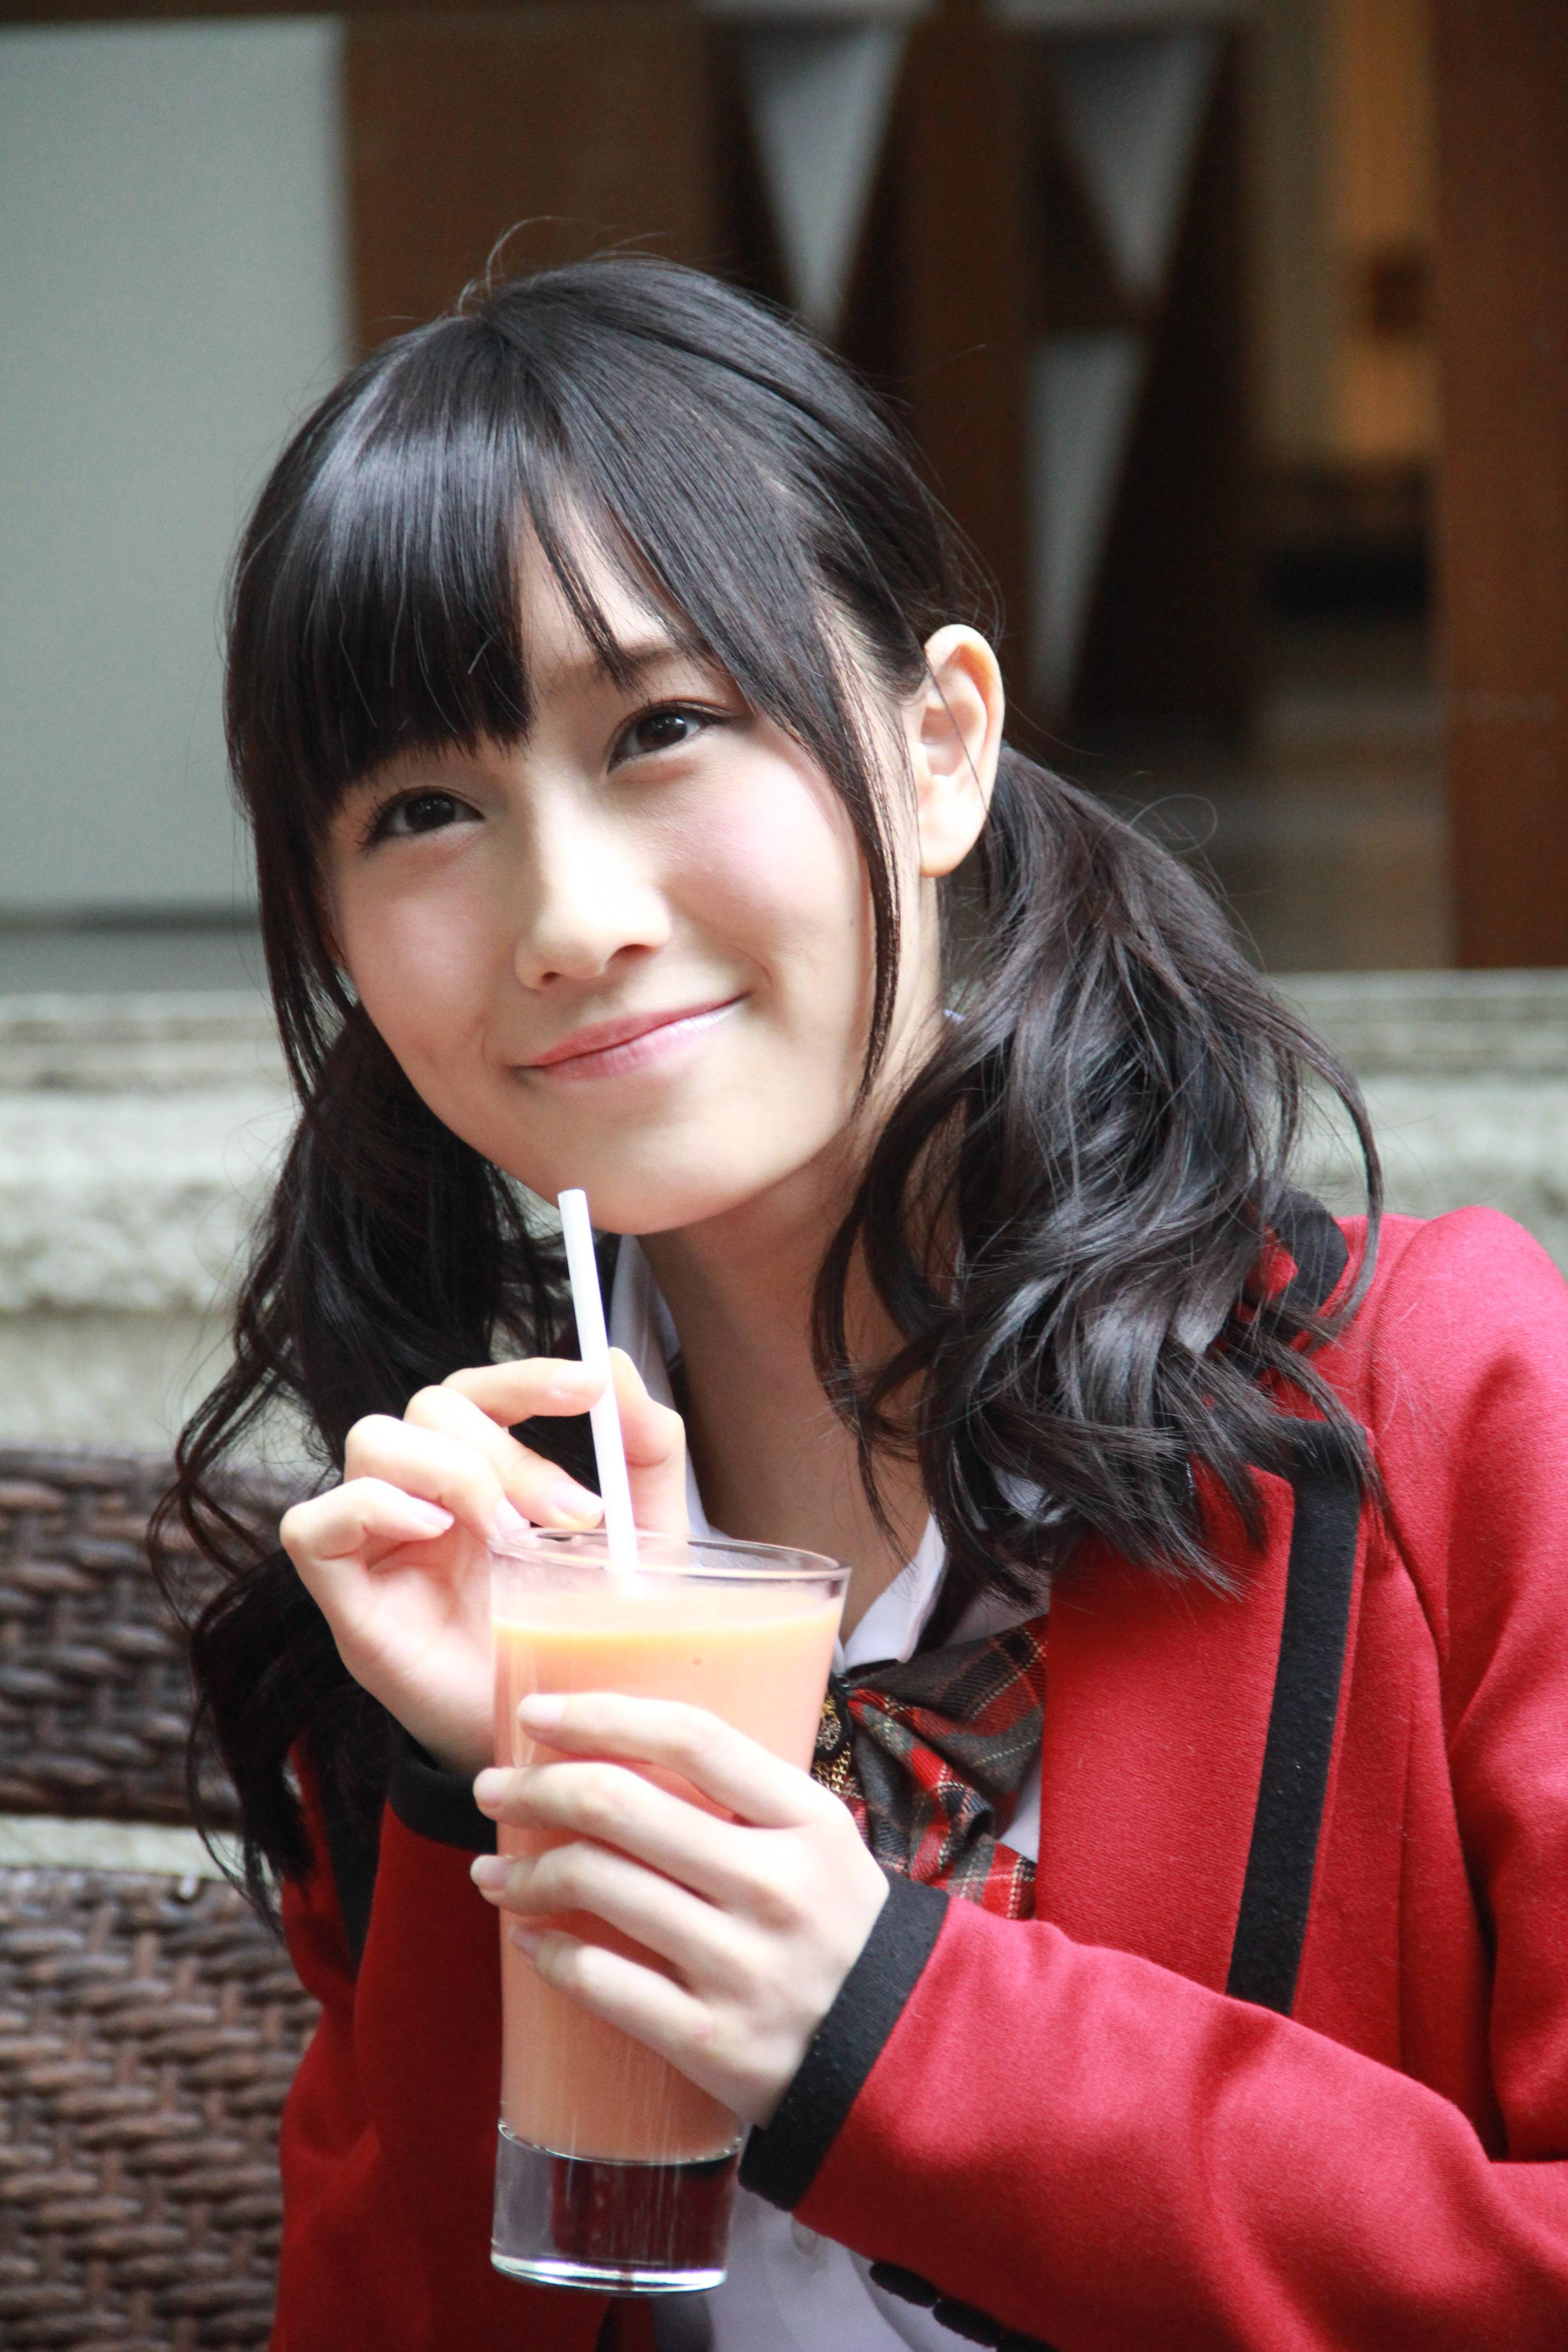 矢倉楓子 : どれが好き?NMB48・...